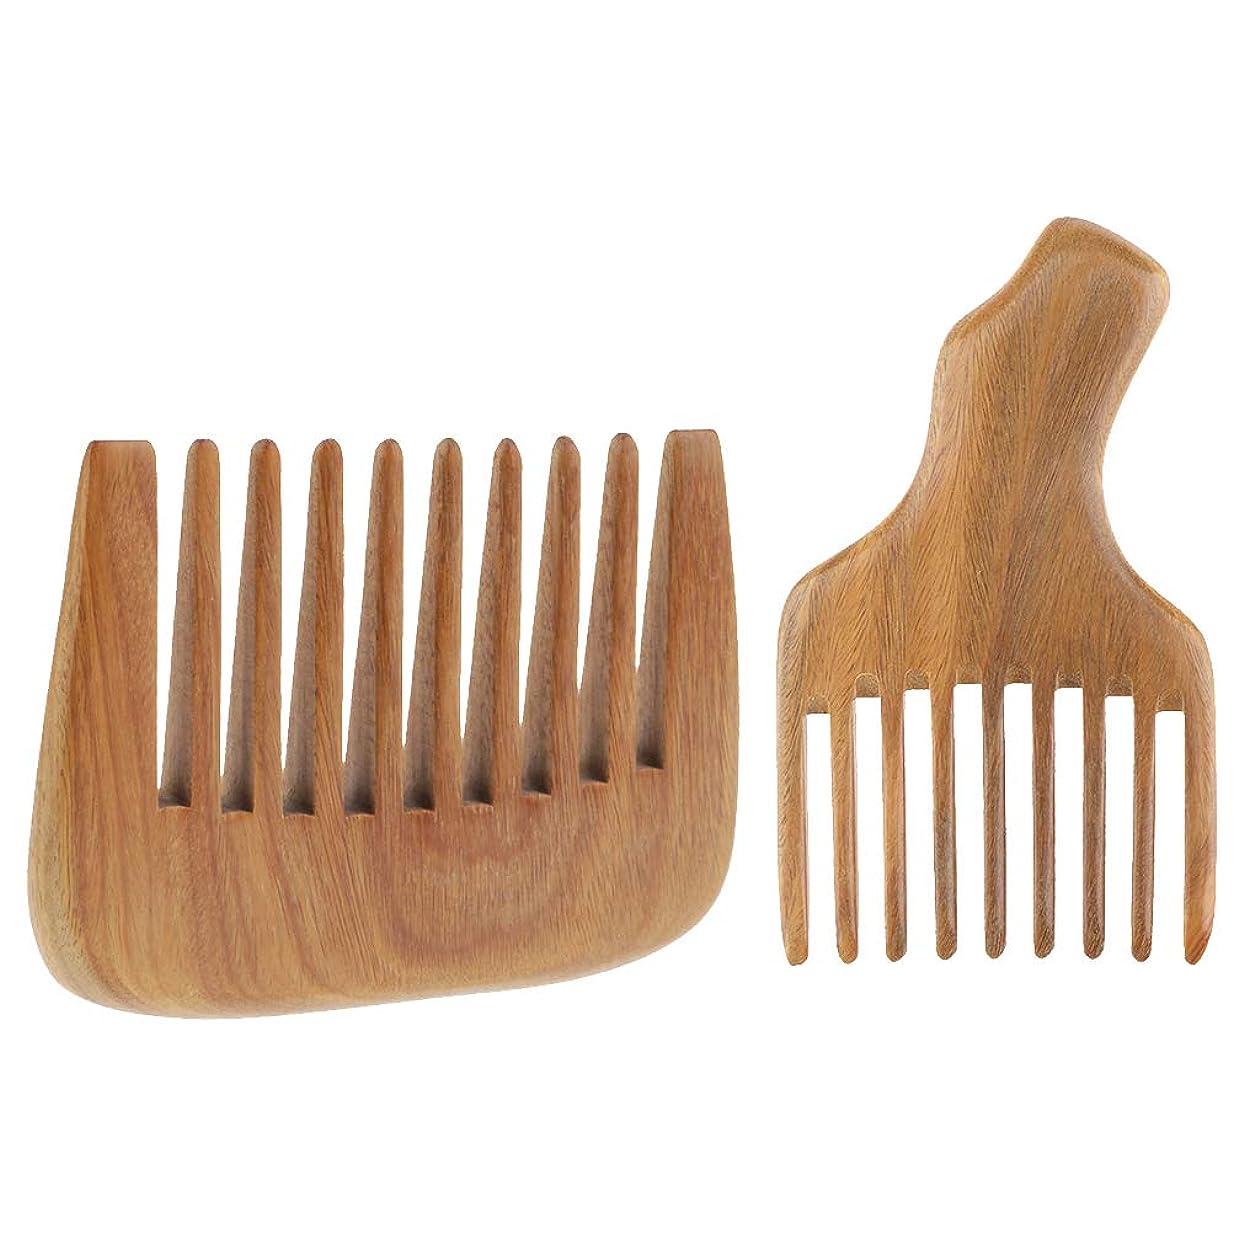 各仲介者隔離B Baosity 2個 木製櫛 ウッドコーム ワイド歯 静電気防止 櫛 くし 高品質